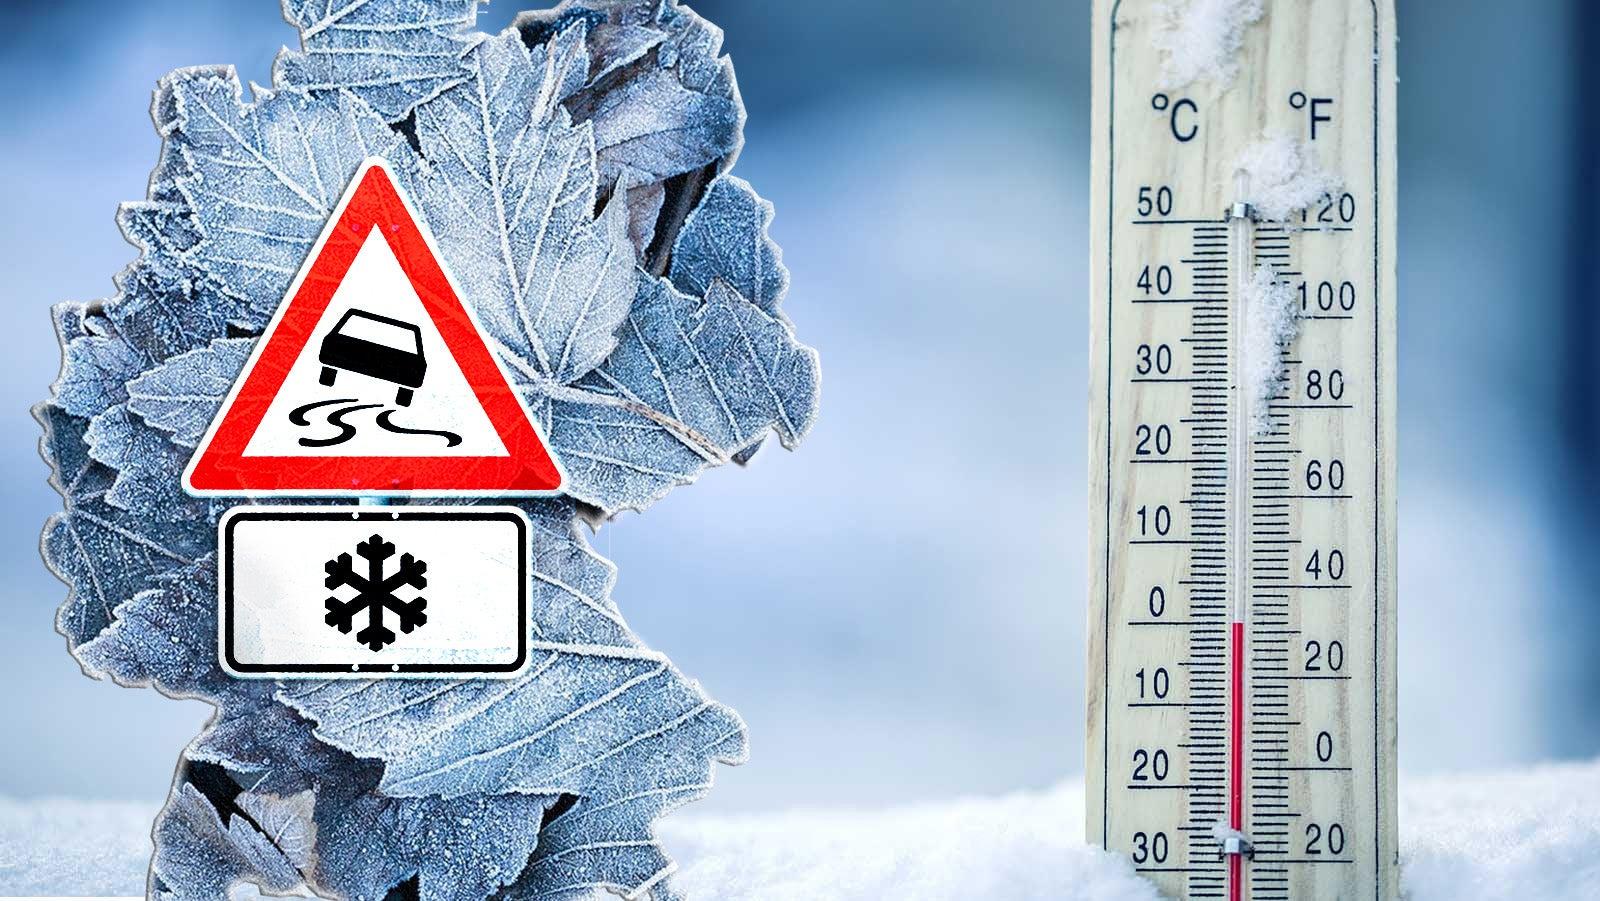 Wochenende startet mild, doch Temperatursturz naht - bis zu -14 Grad möglich   The Weather Channel